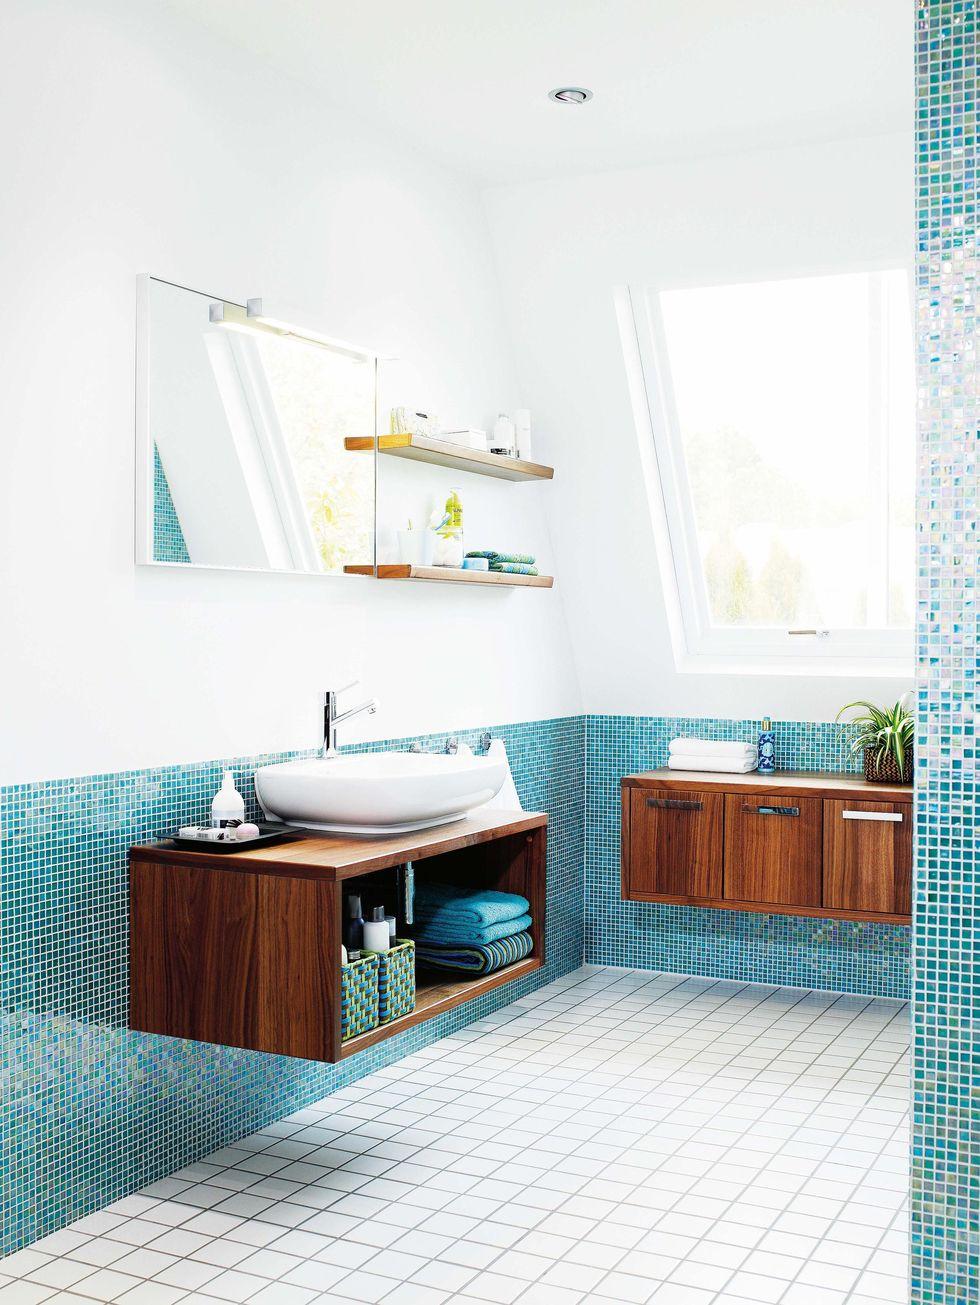 Inredning tätskikt våtrum : Badrummet - 10 viktiga frågor – Hus & Hem